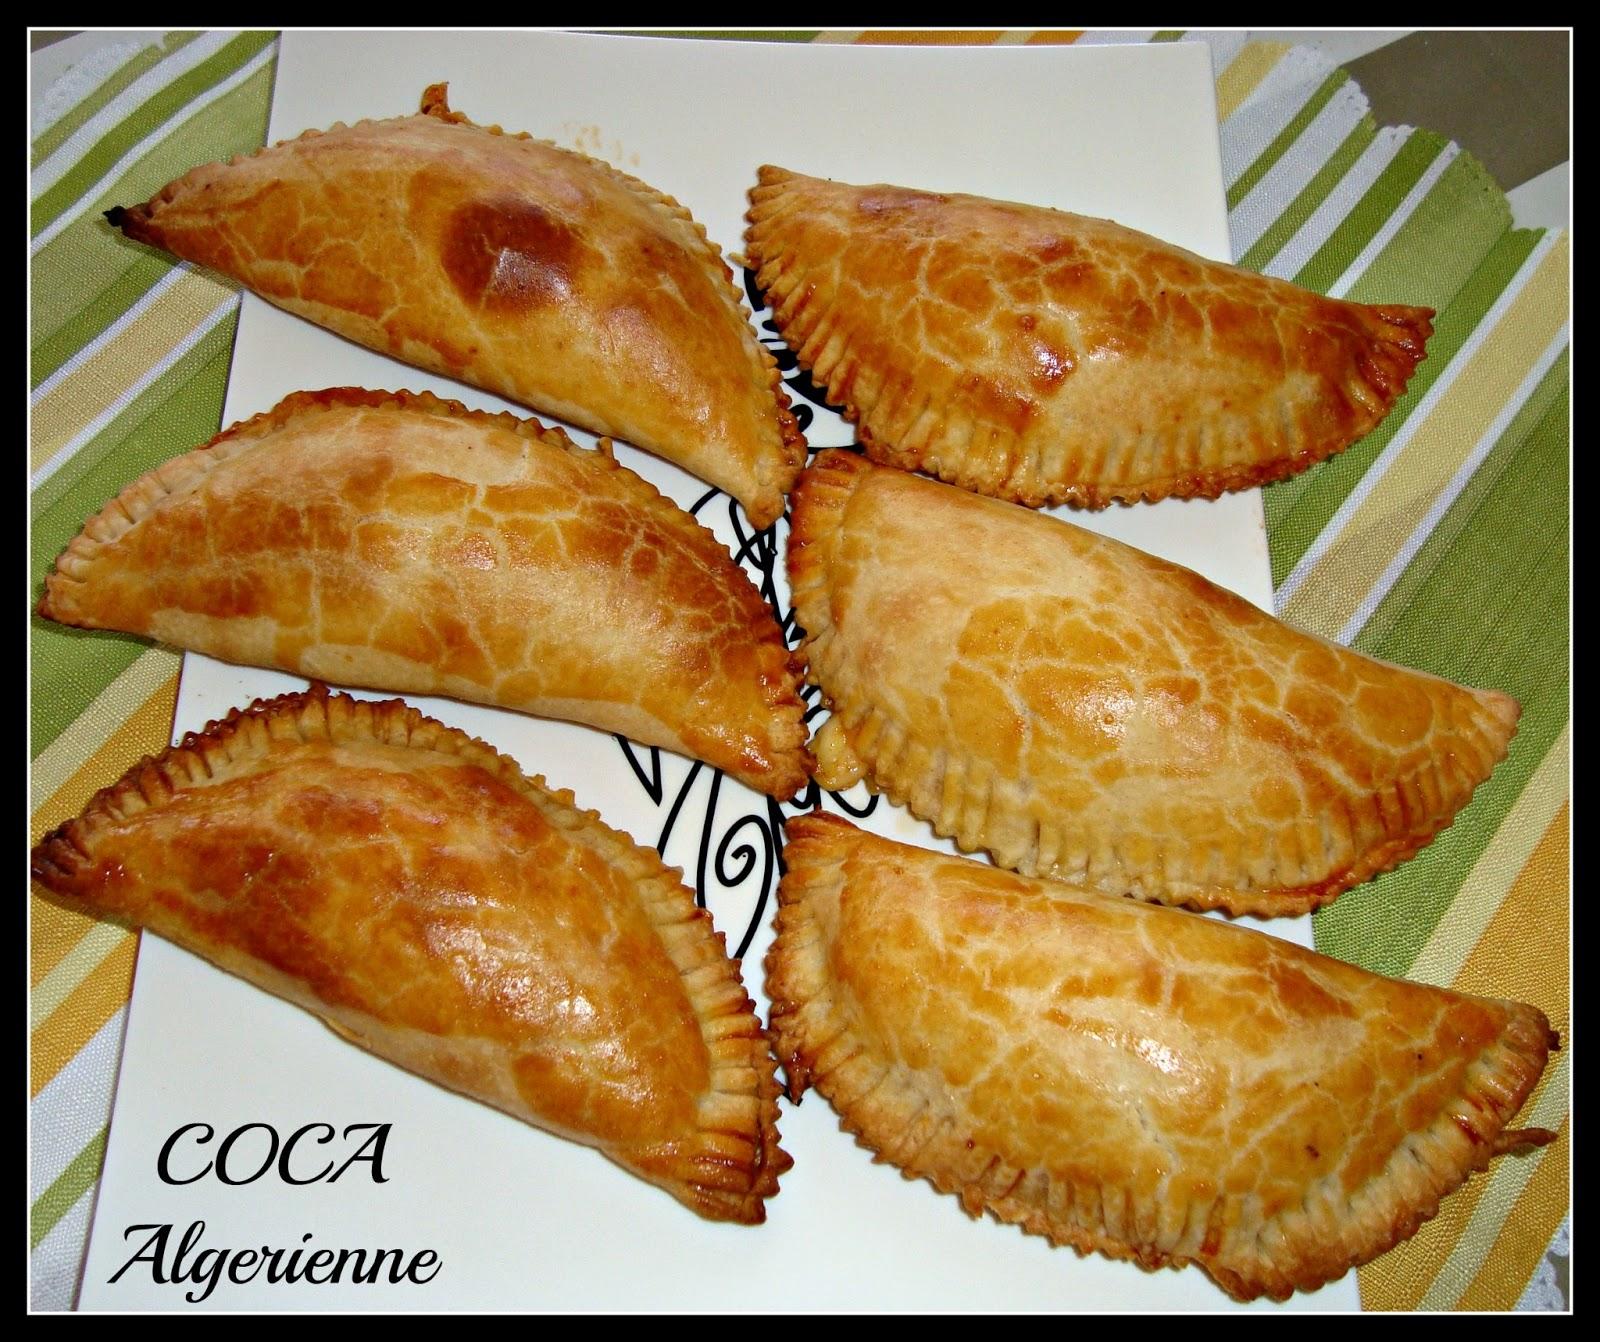 La Cuisine Algerienne: RAYAN DELICES: Coca Algerienne